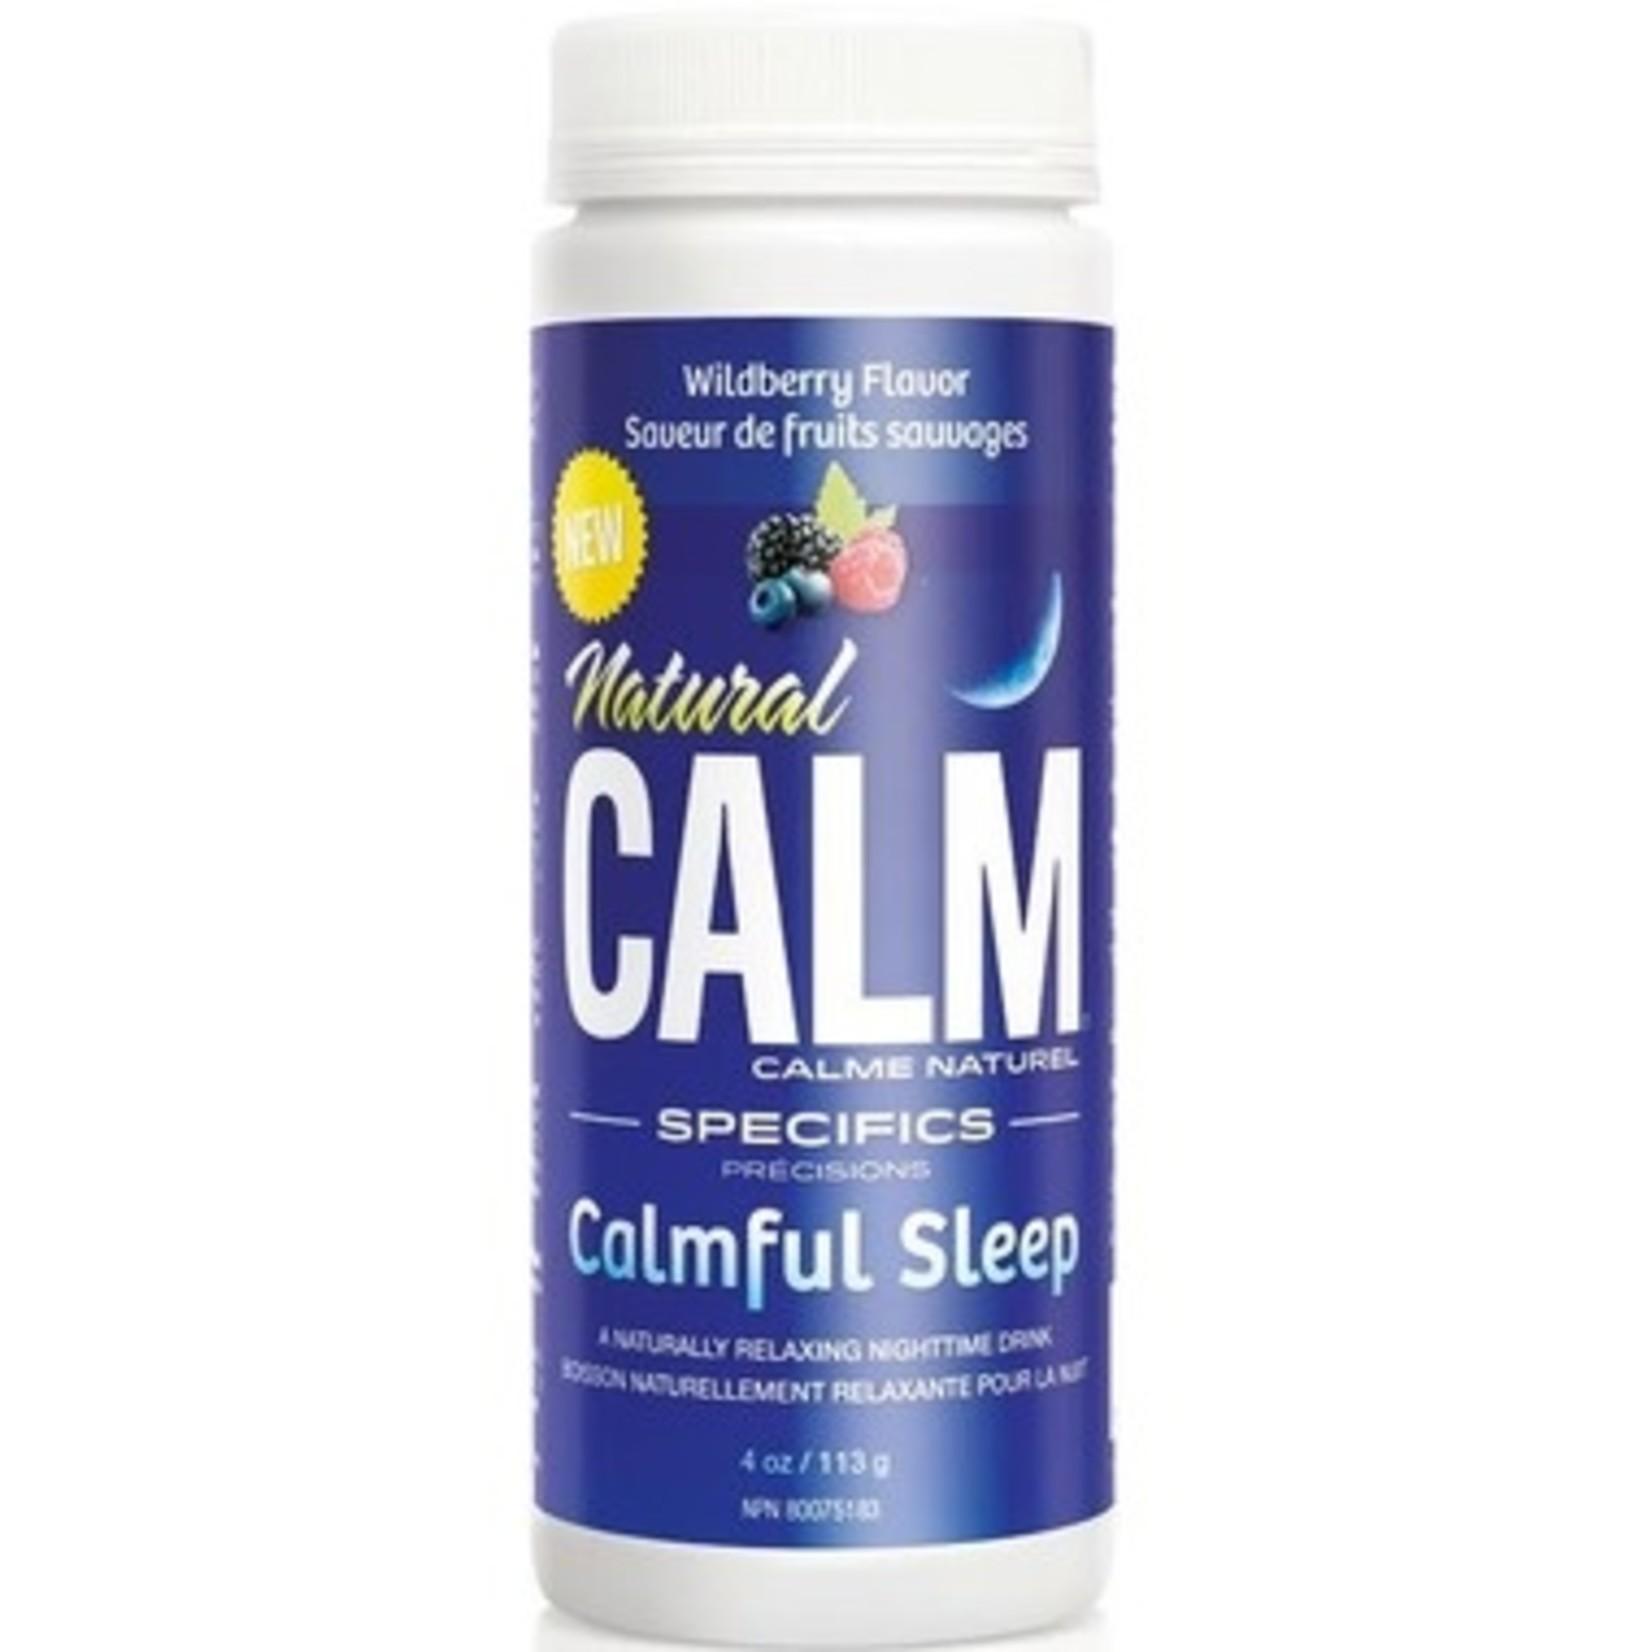 Natural Calm Natural Calm Calmful Sleep 4oz